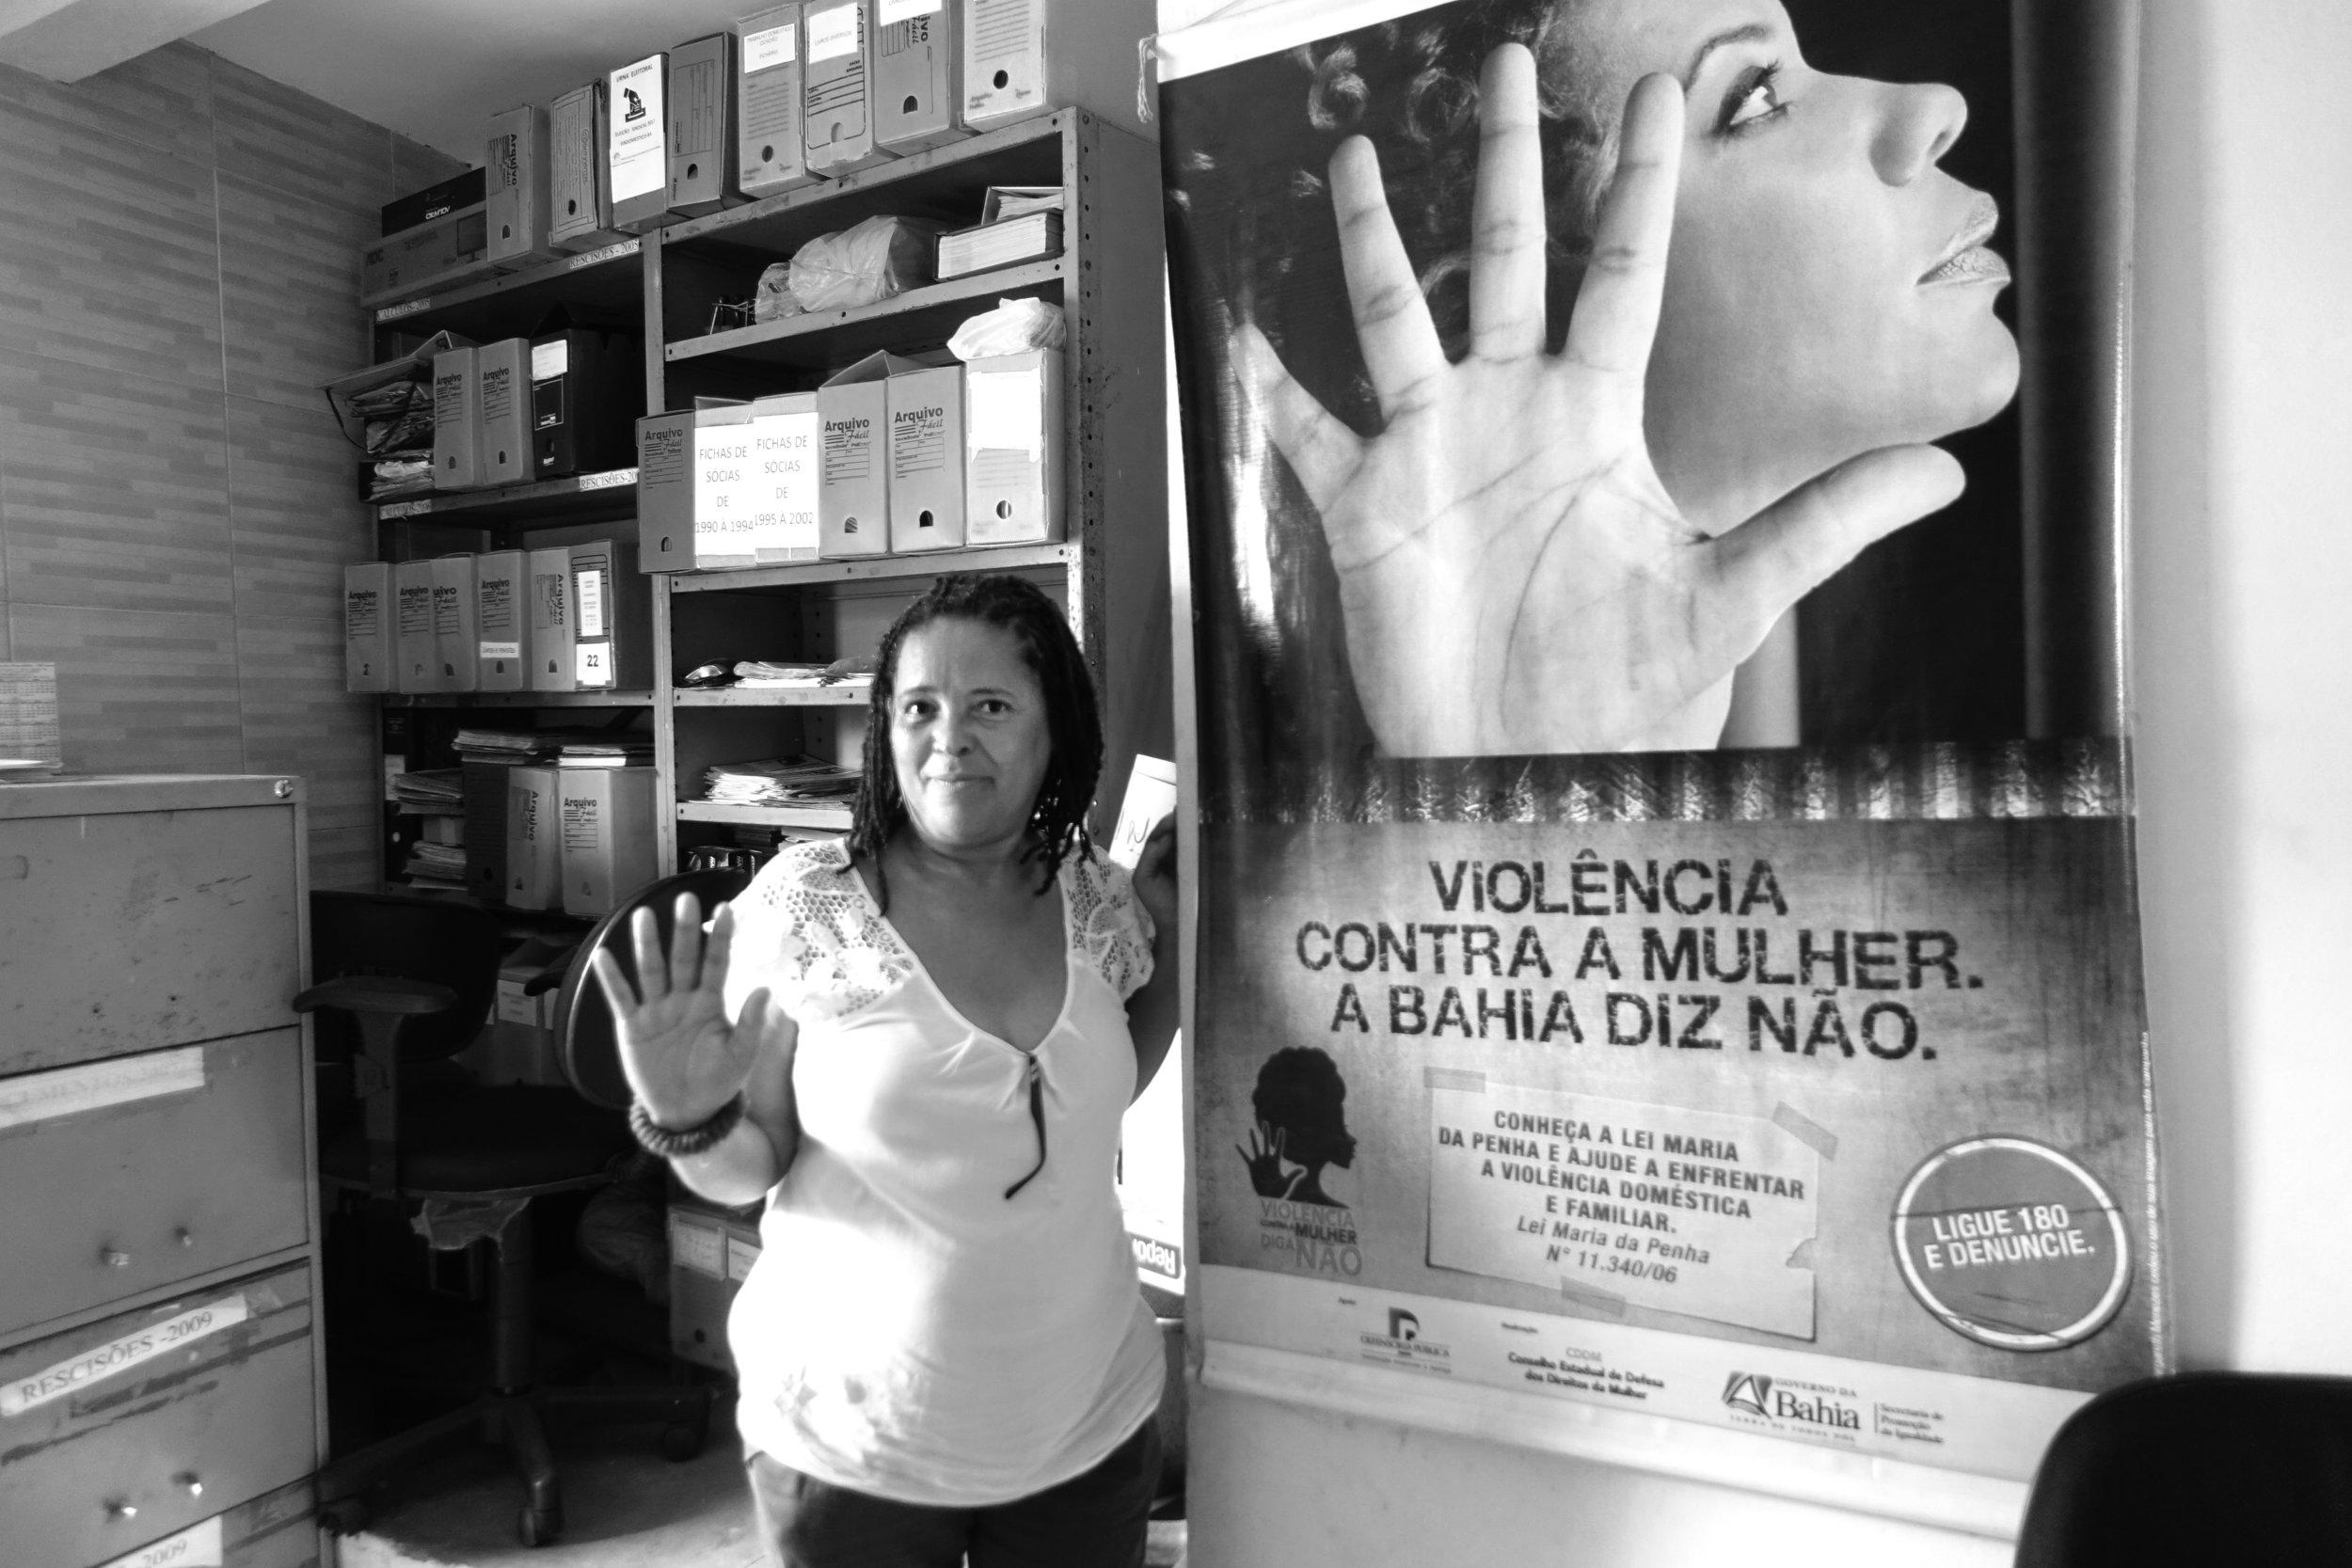 Milca Martins, membre de Sindoméstico (Brésil), lutte pour l'égalité des droits et contre la violence envers les femmes. Photo : Y. Zimmermann